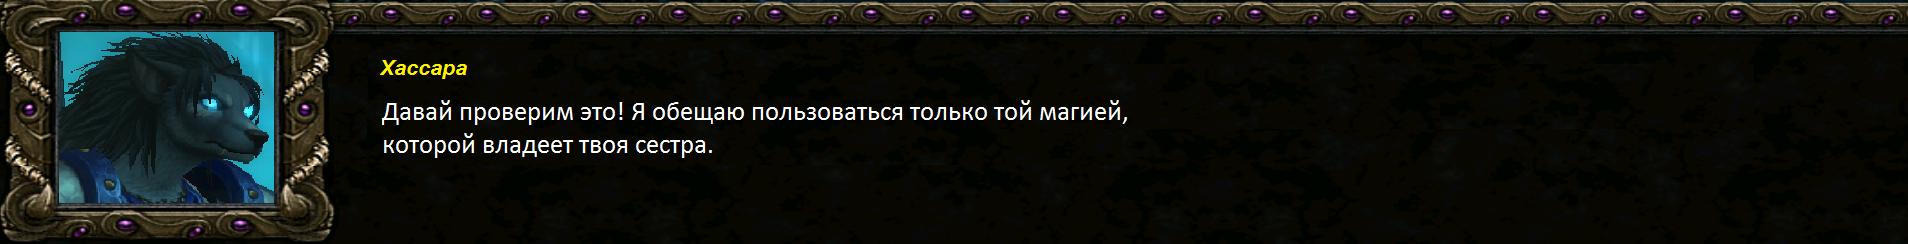 Дк шаблон реборн 15.8